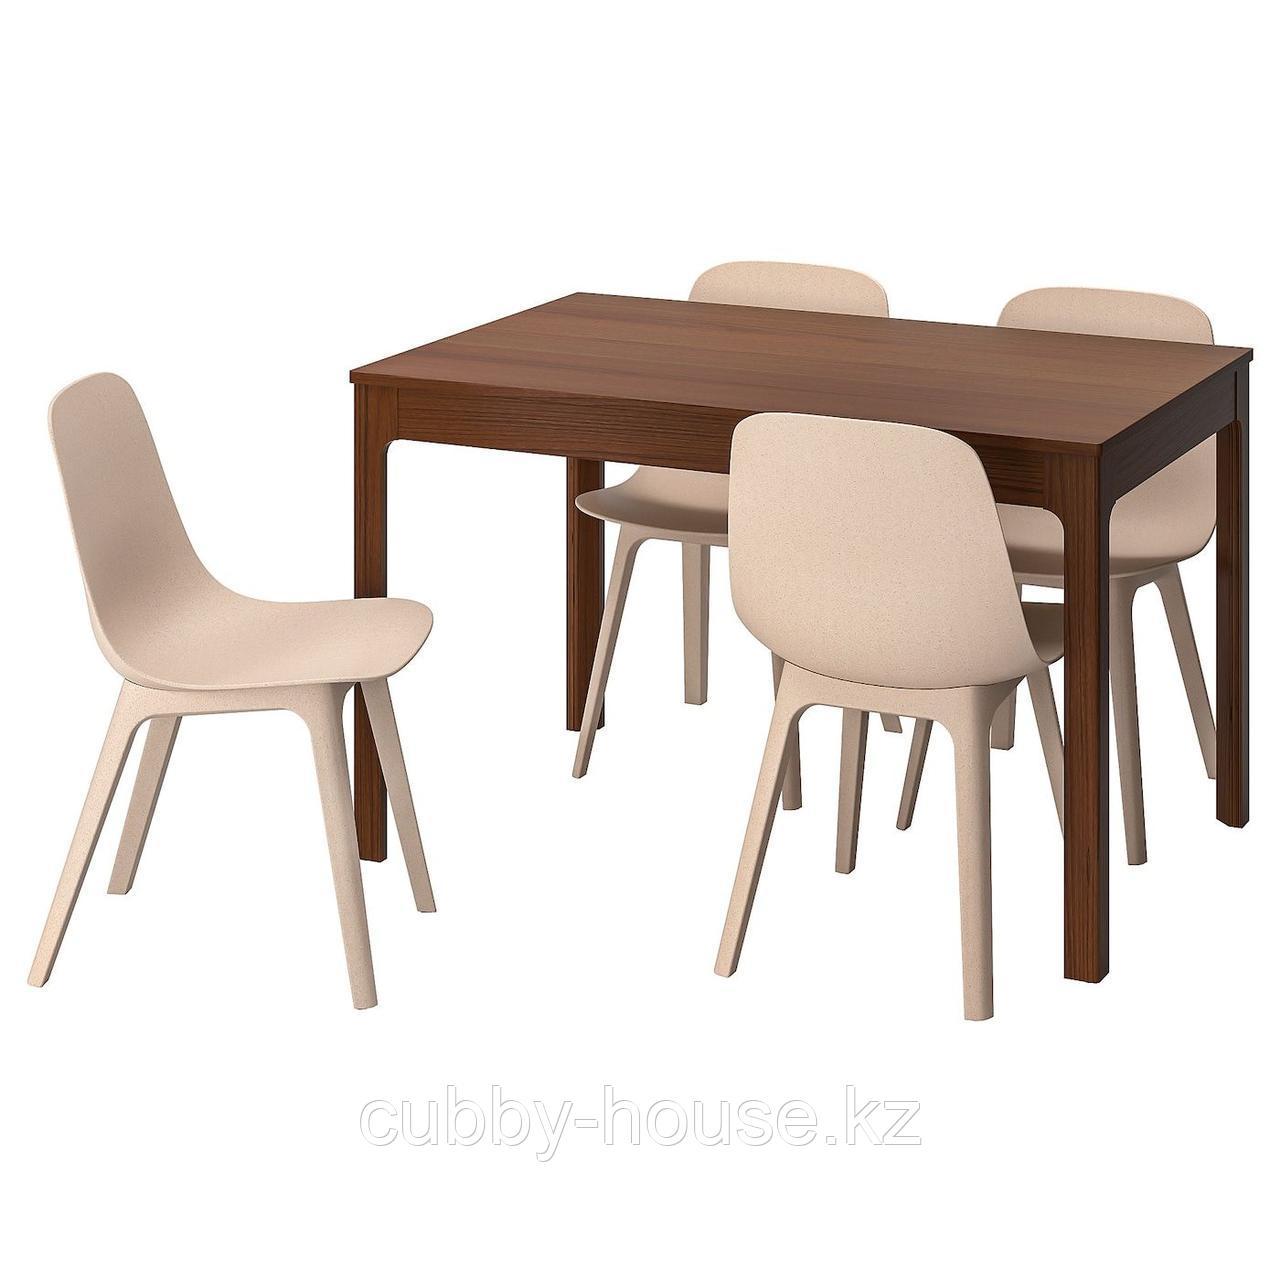 ЭКЕДАЛЕН / ОДГЕР Стол и 4 стула, коричневый, белый бежевый, 120/180 см